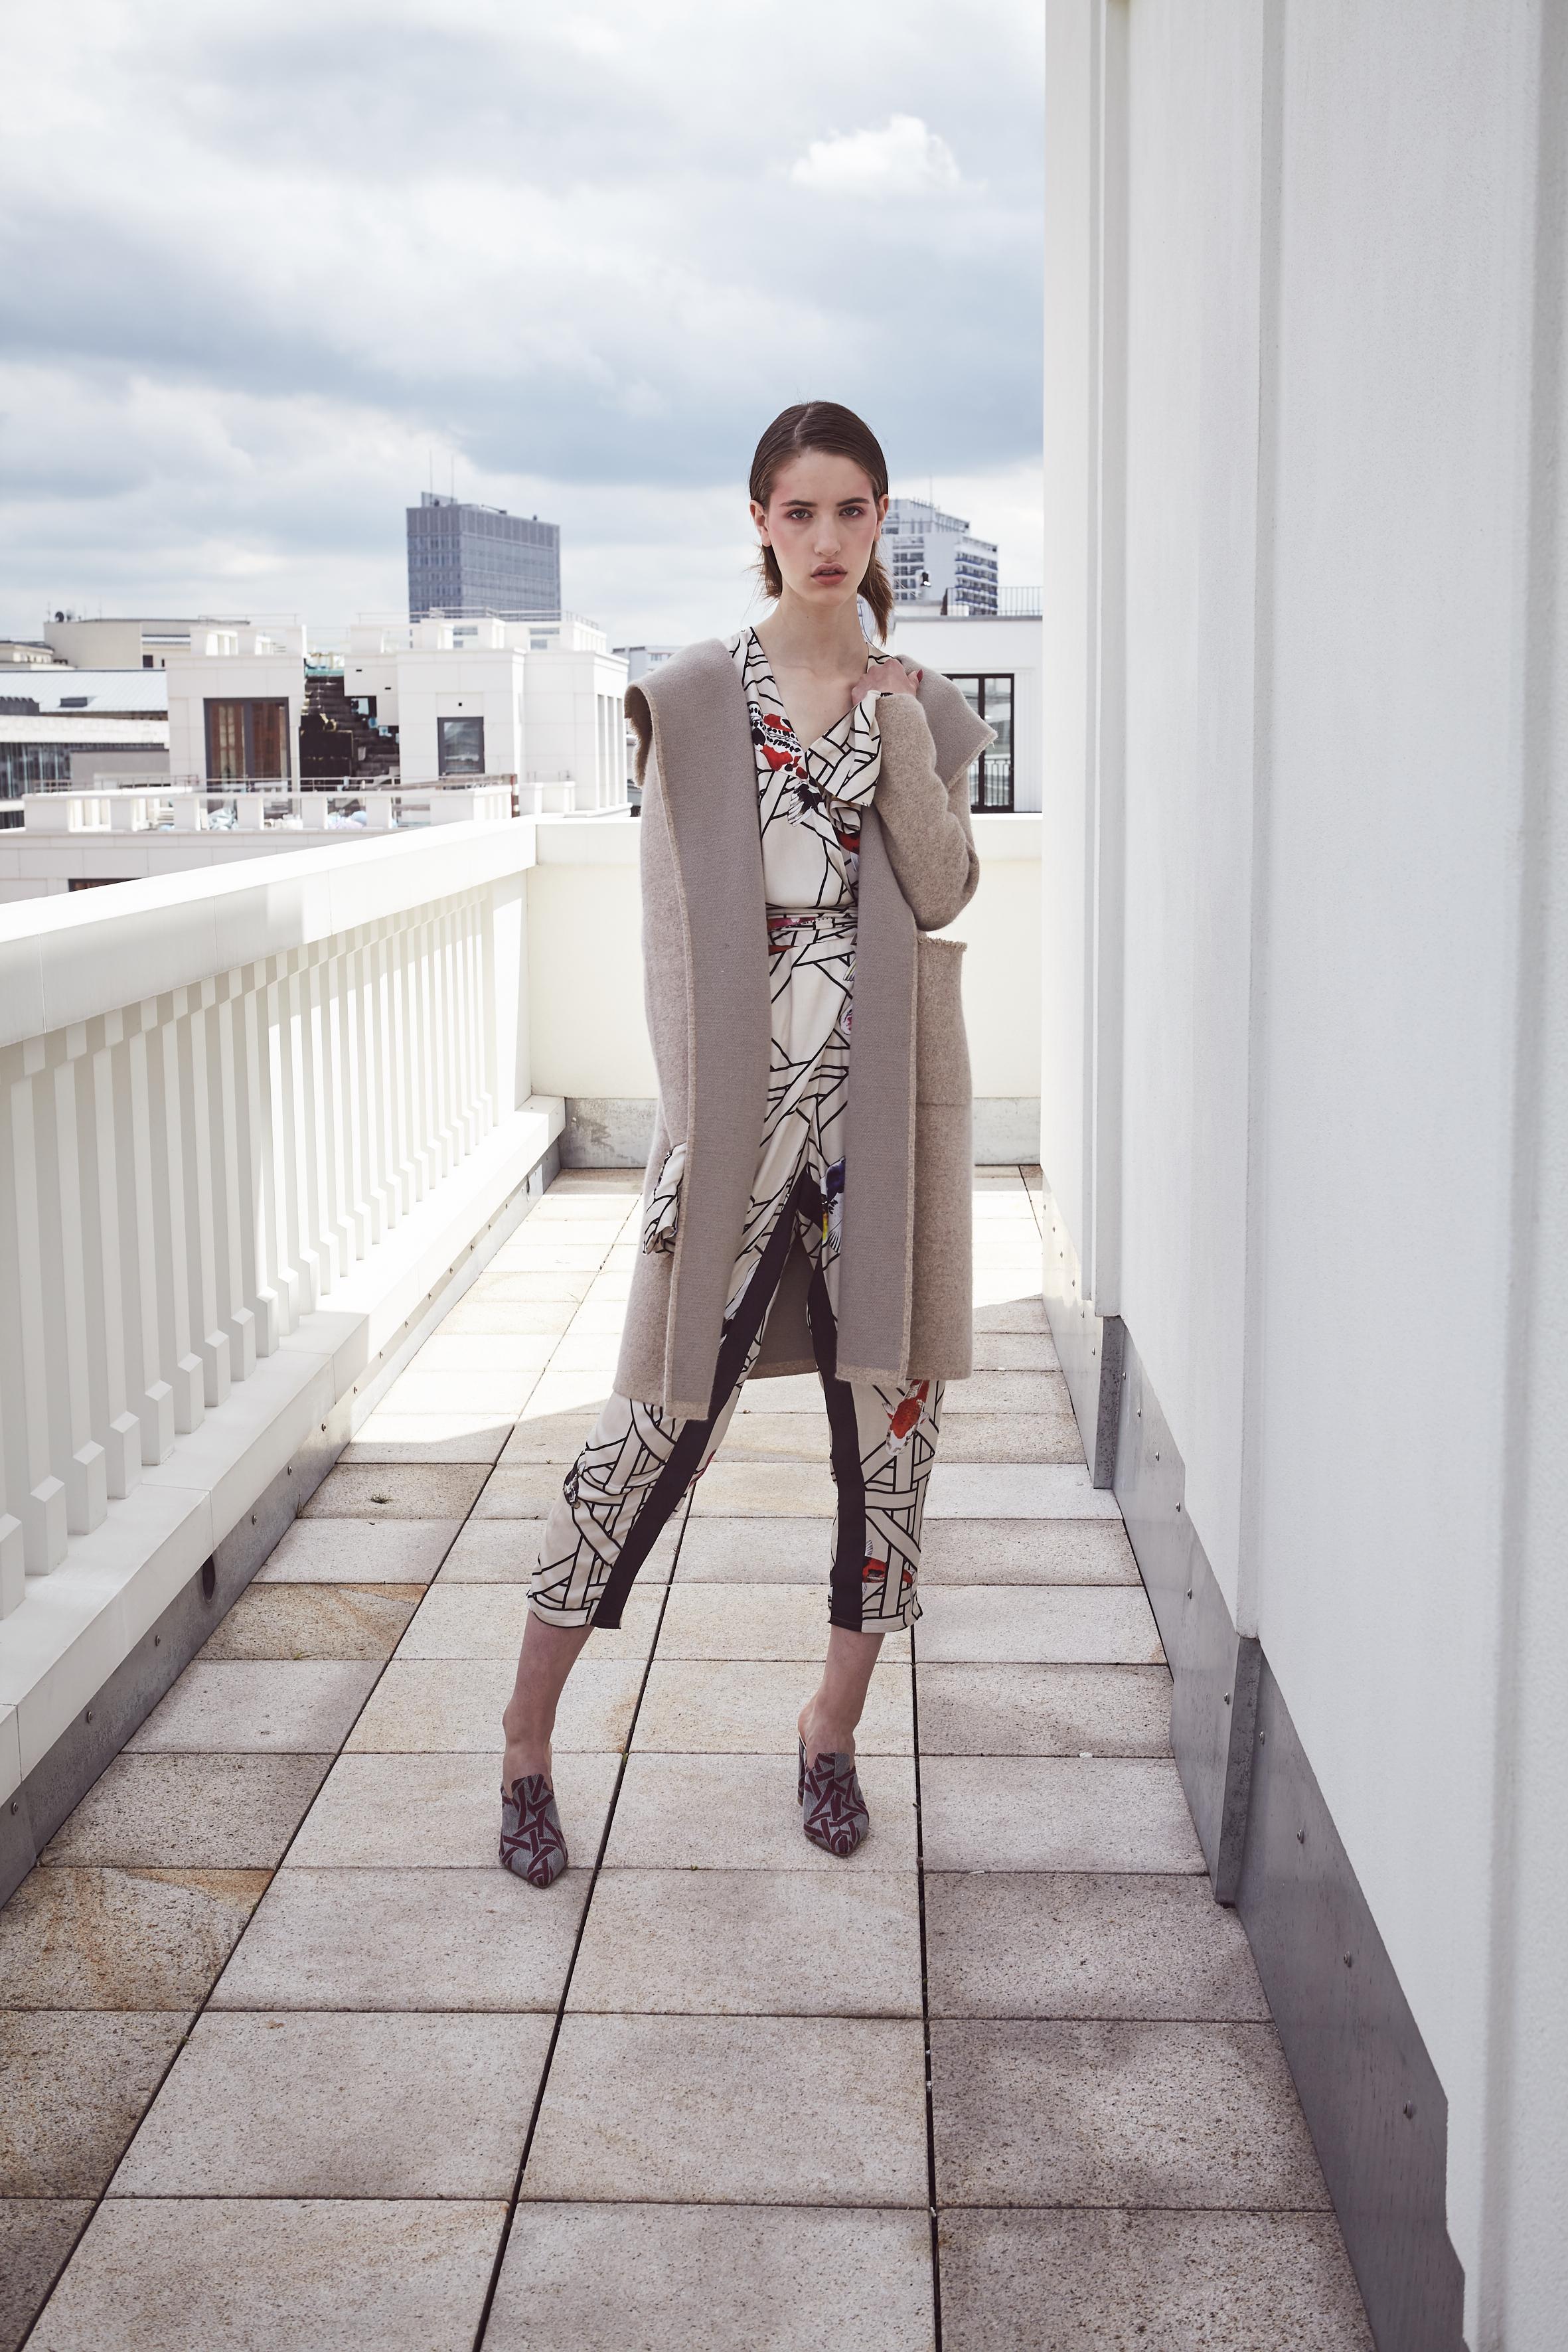 DawidTomaszewski_FashionWeekSS2018_HeidiRondak 6.jpg